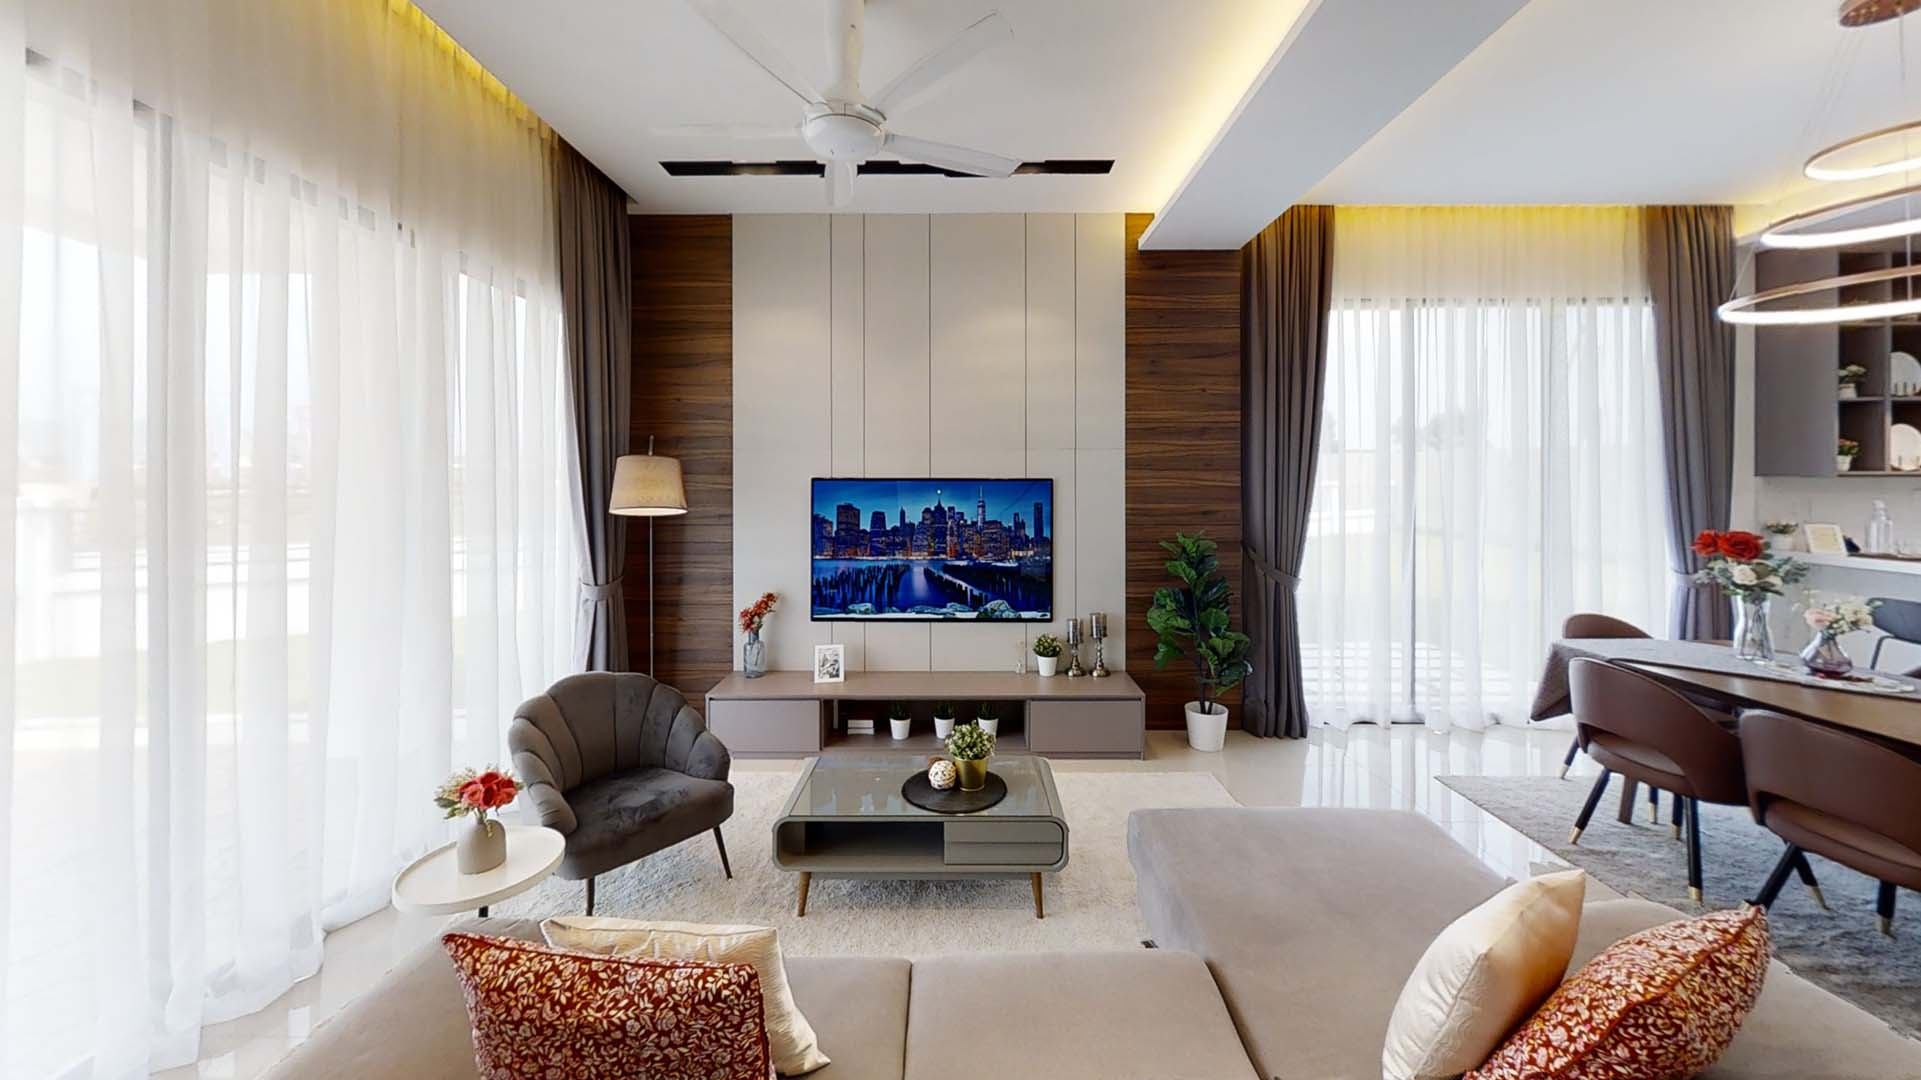 mawar-sari_0001_Mawar-Sari-DST-22x75-Sg-Buloh-Living-Room(1)